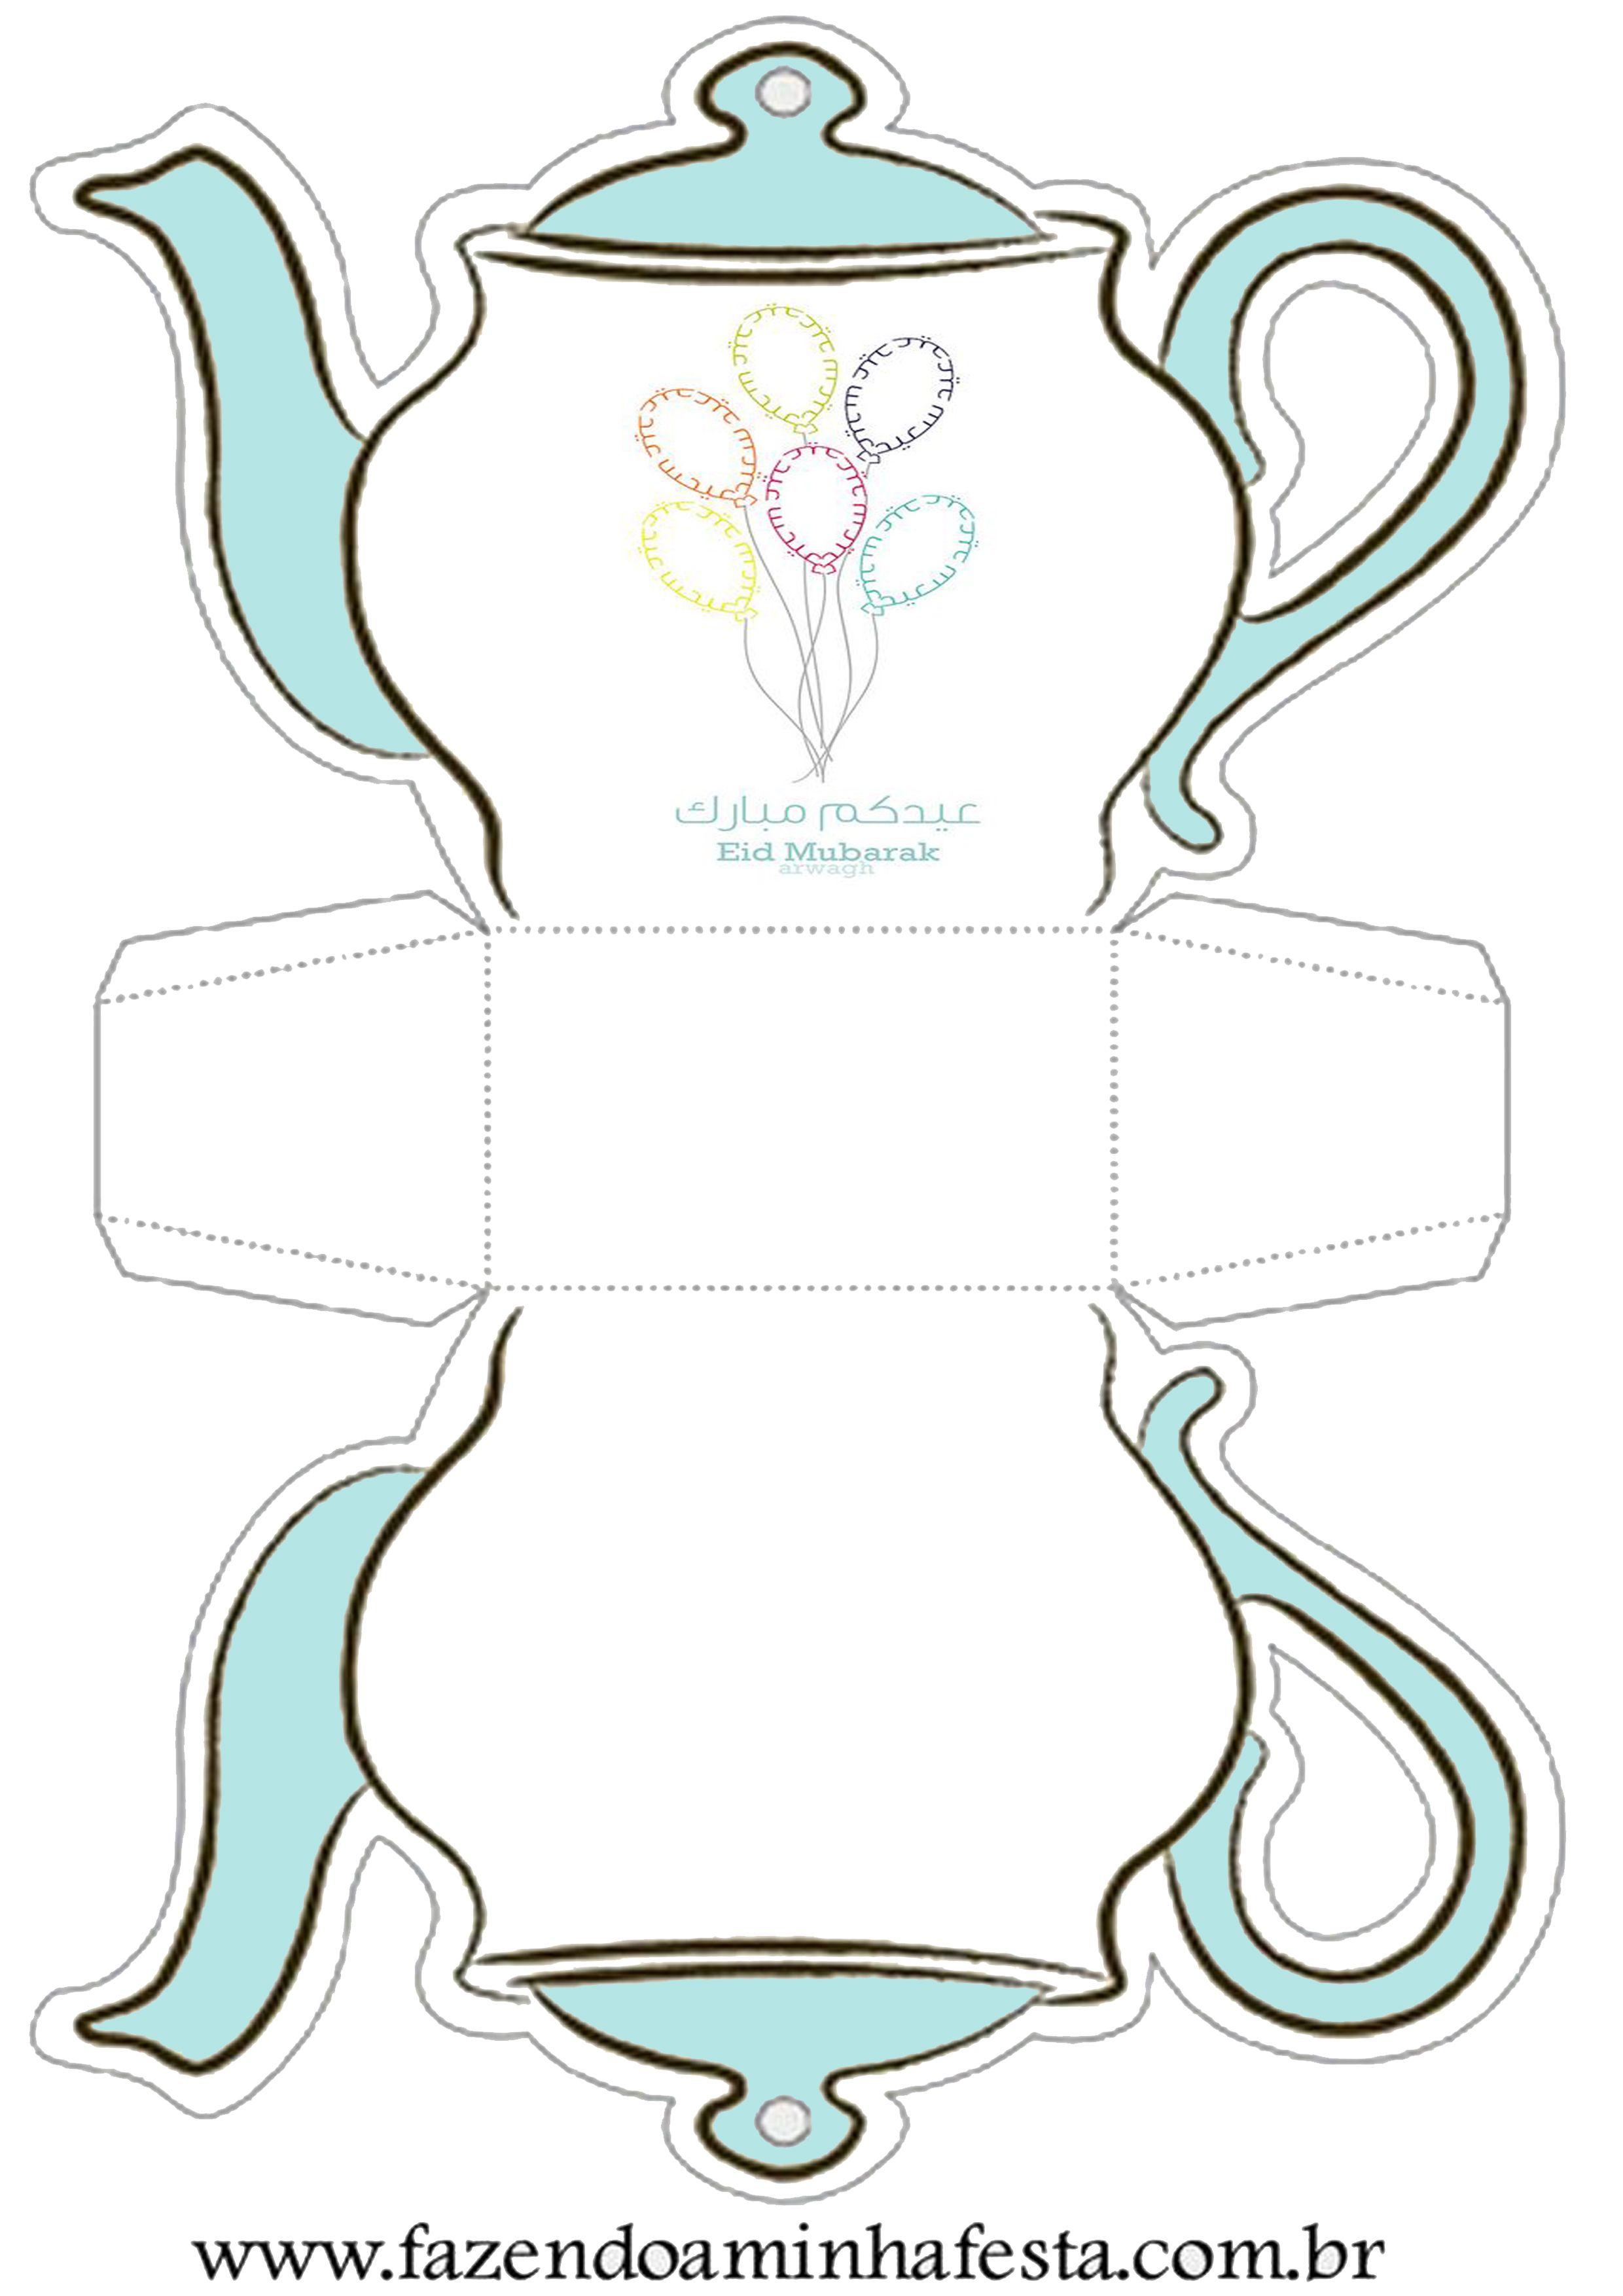 قالب جاهز للطباعة تهنئة بالعيد Mini Envelopes Template Mini Envelopes Envelope Template